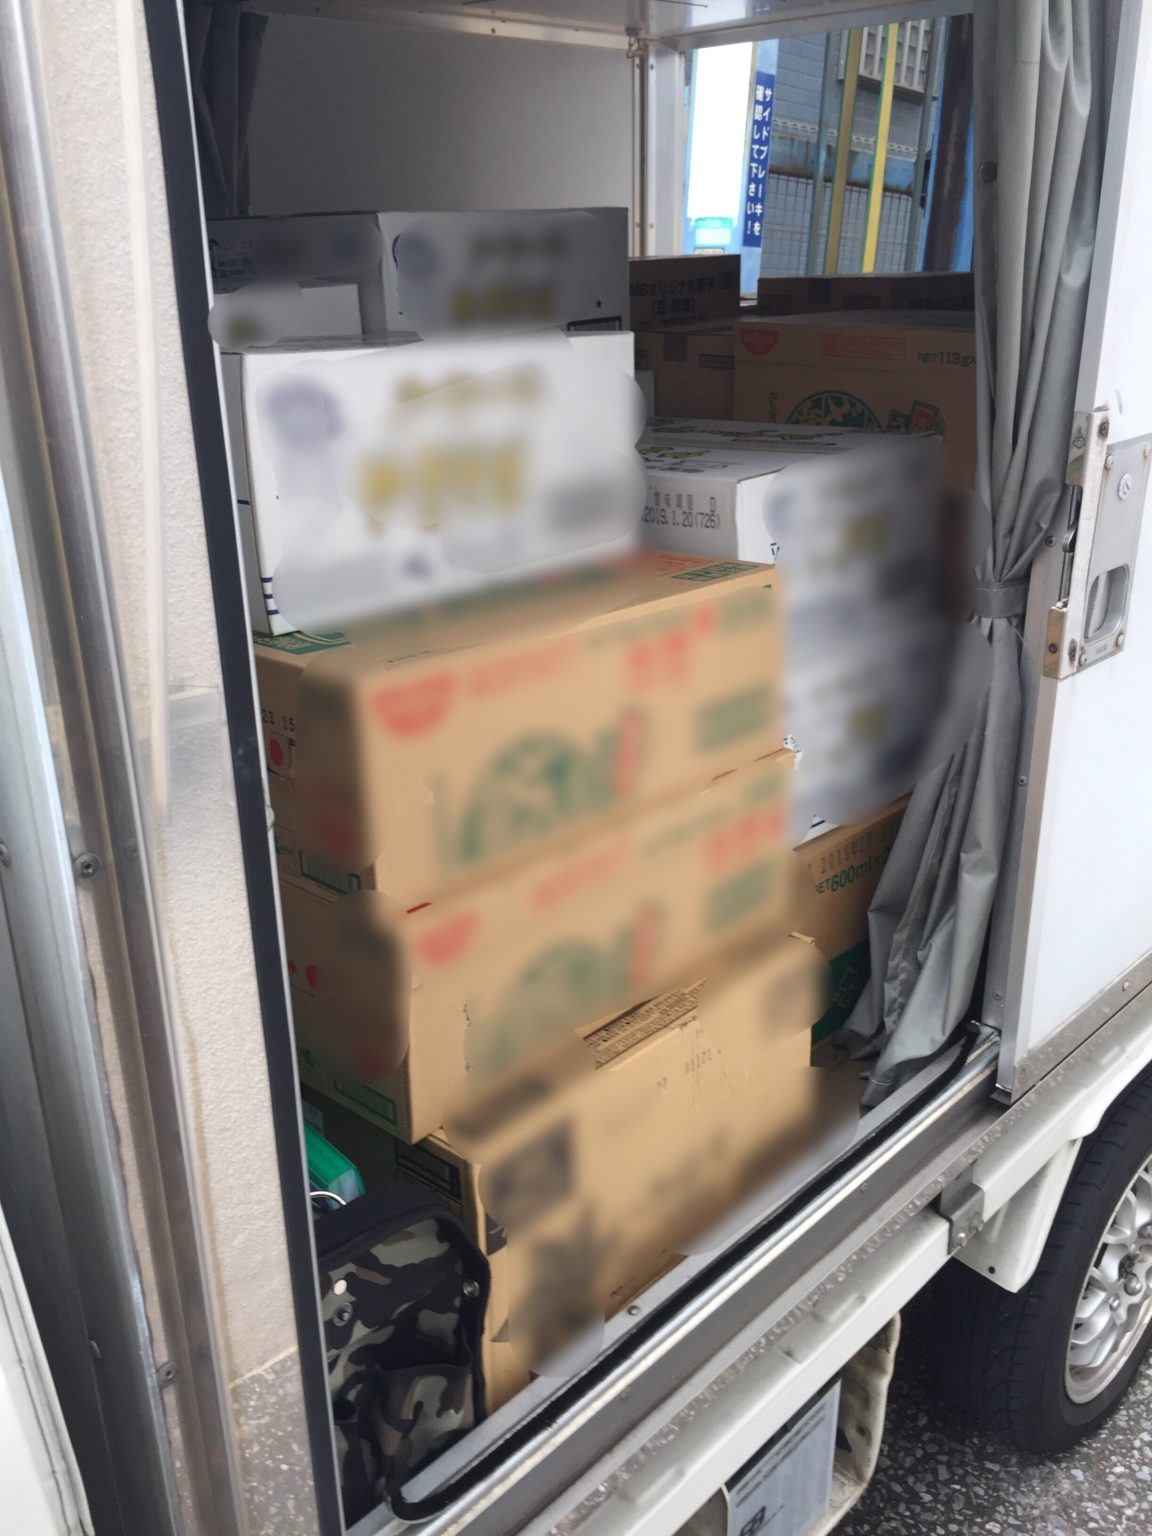 食材配送を軽貨物の配送専門ブログで語る。